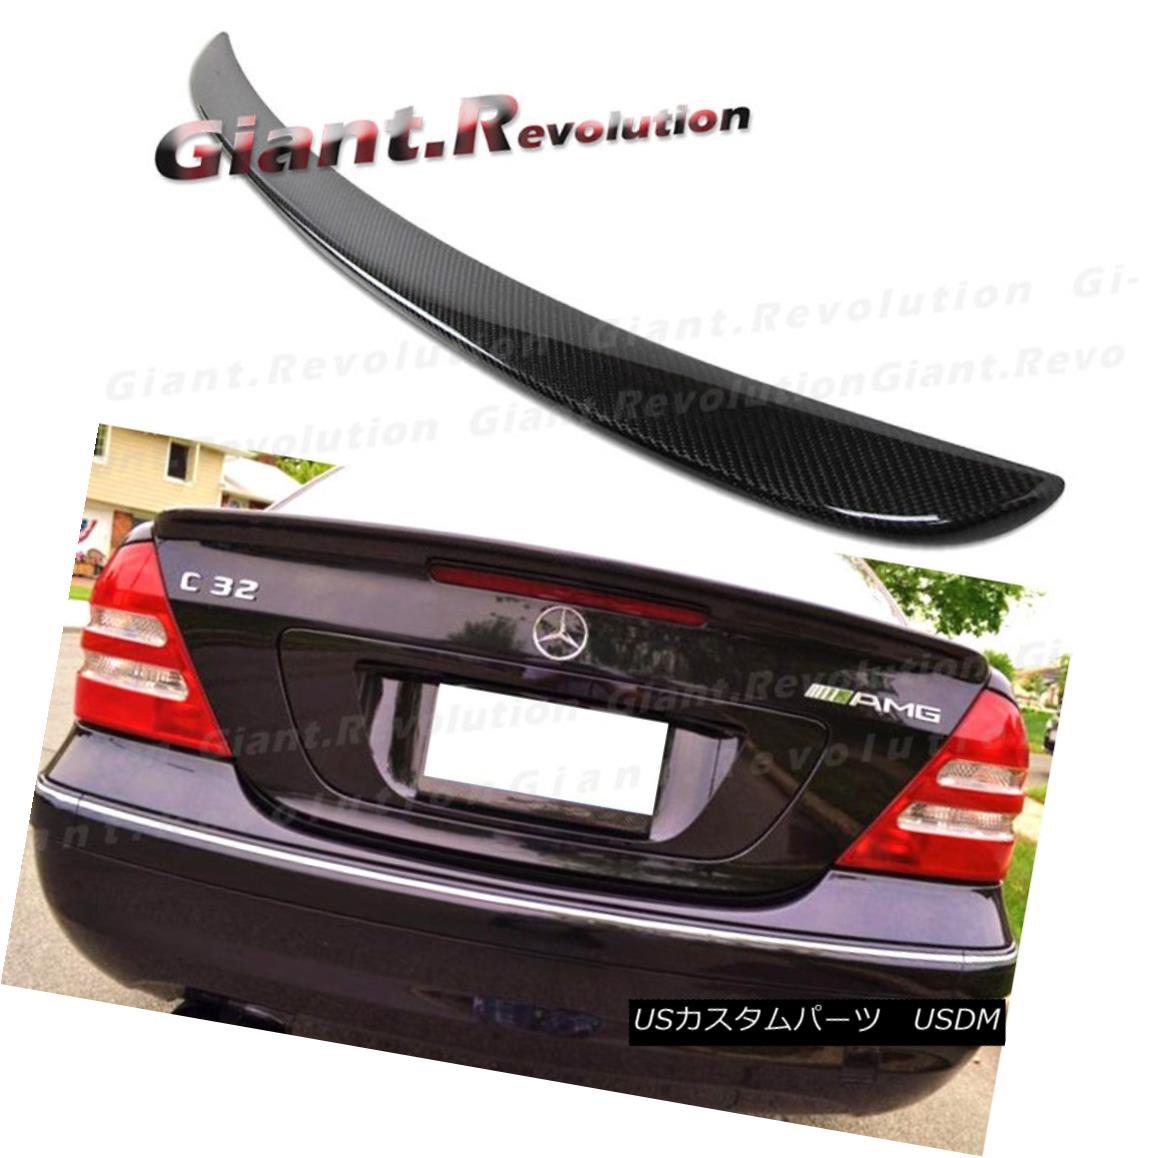 エアロパーツ 3K Carbon Fiber 01-07 Benz W203 C-Sedan A Look Rear Trunk Spoiler C320 C240 4DR 3Kカーボンファイバー01-07ベンツW203 C-セダンルックリアトランクスポイラーC320 C240 4DR